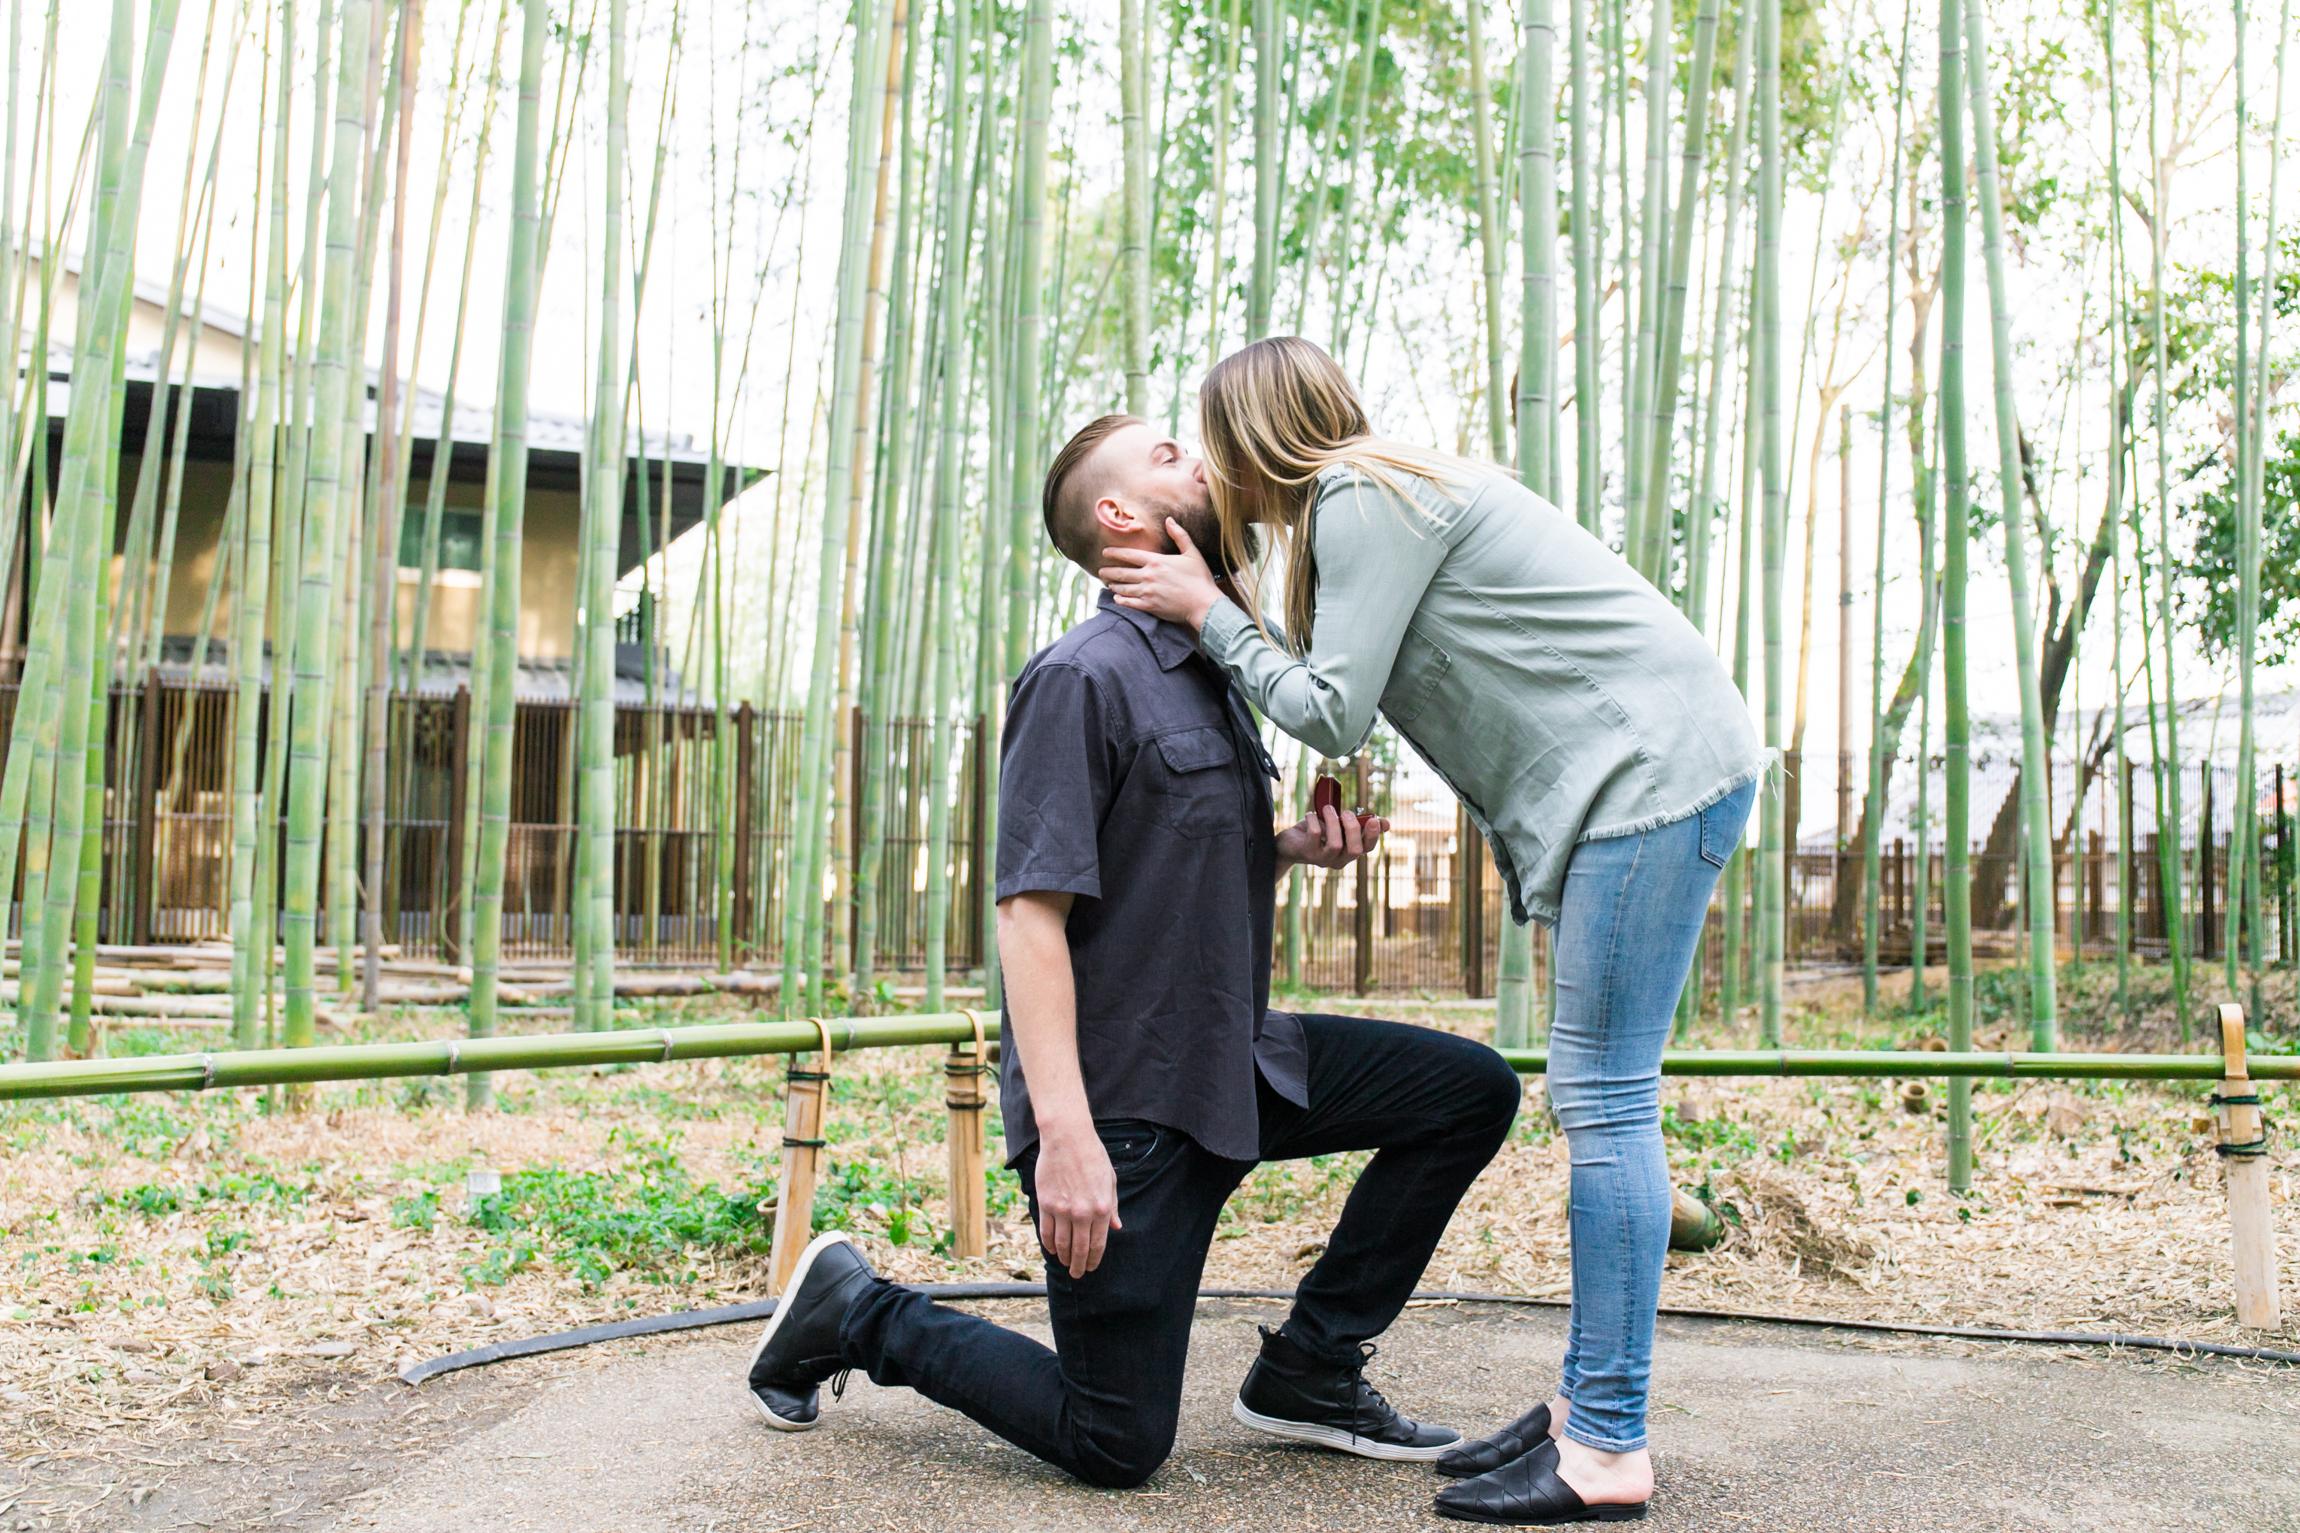 surprise proposal photo tour in Kyoto Arashiyama, Japan